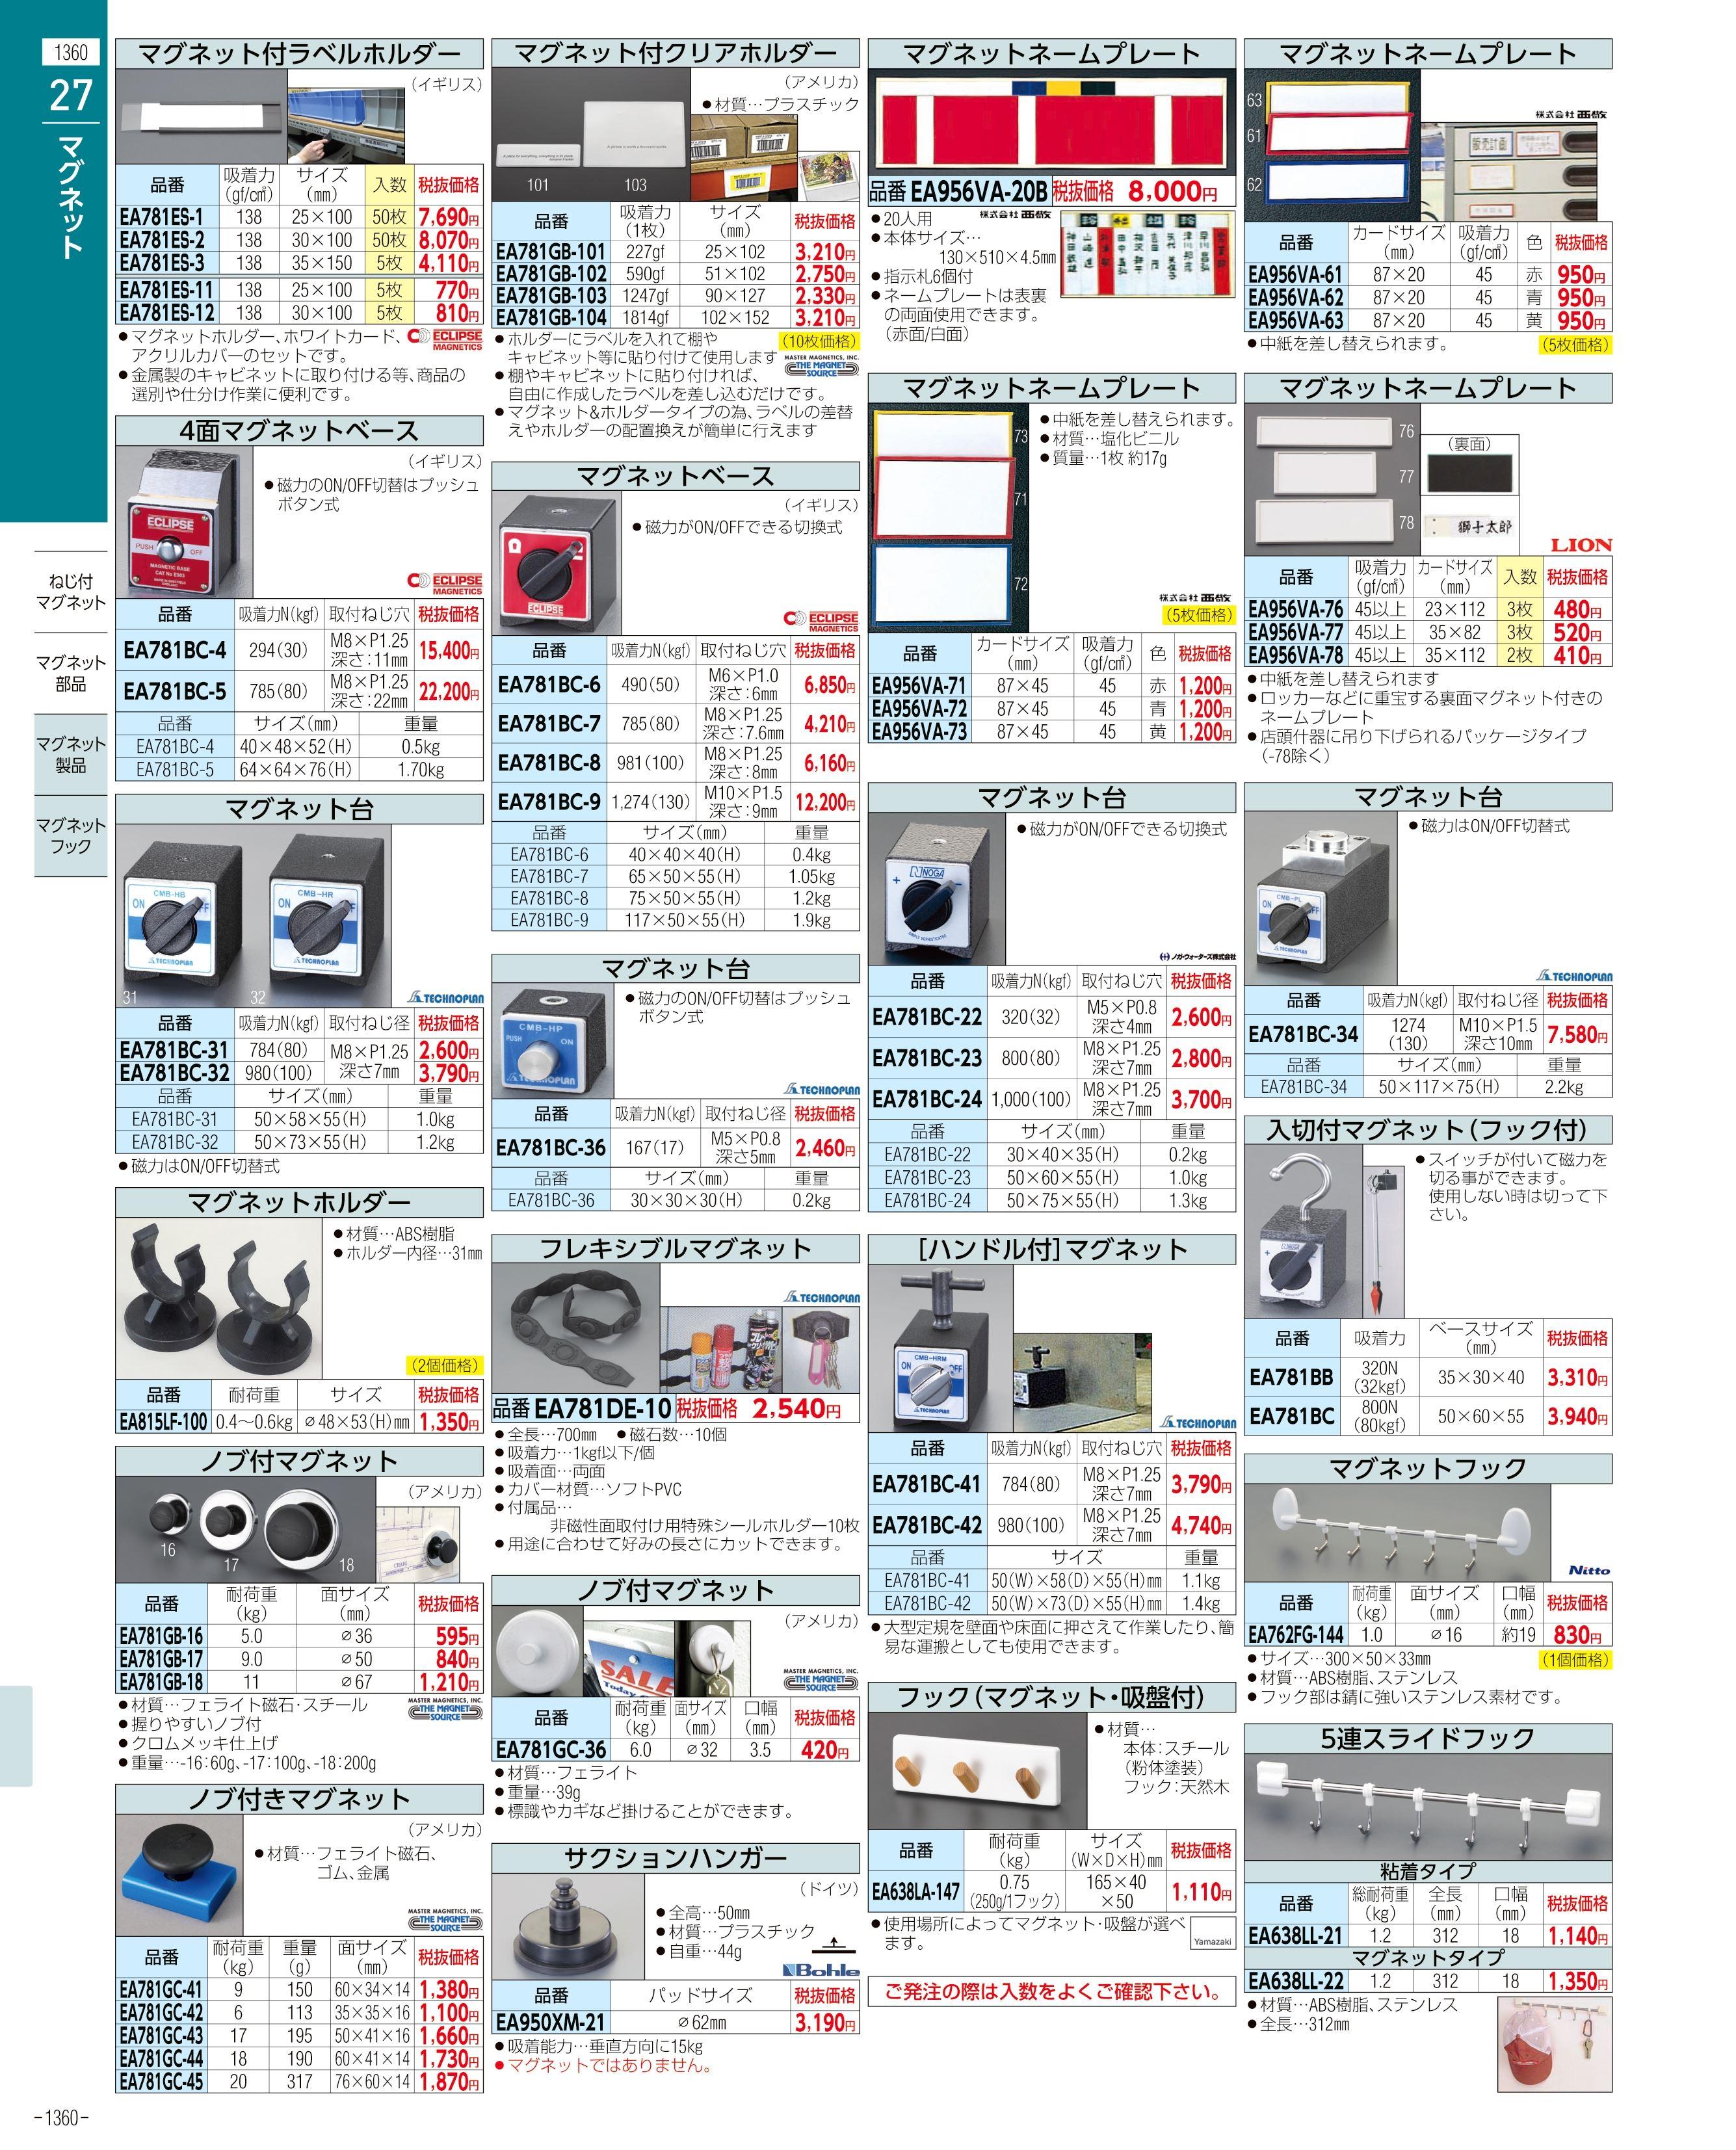 エスコ便利カタログ1360ページ